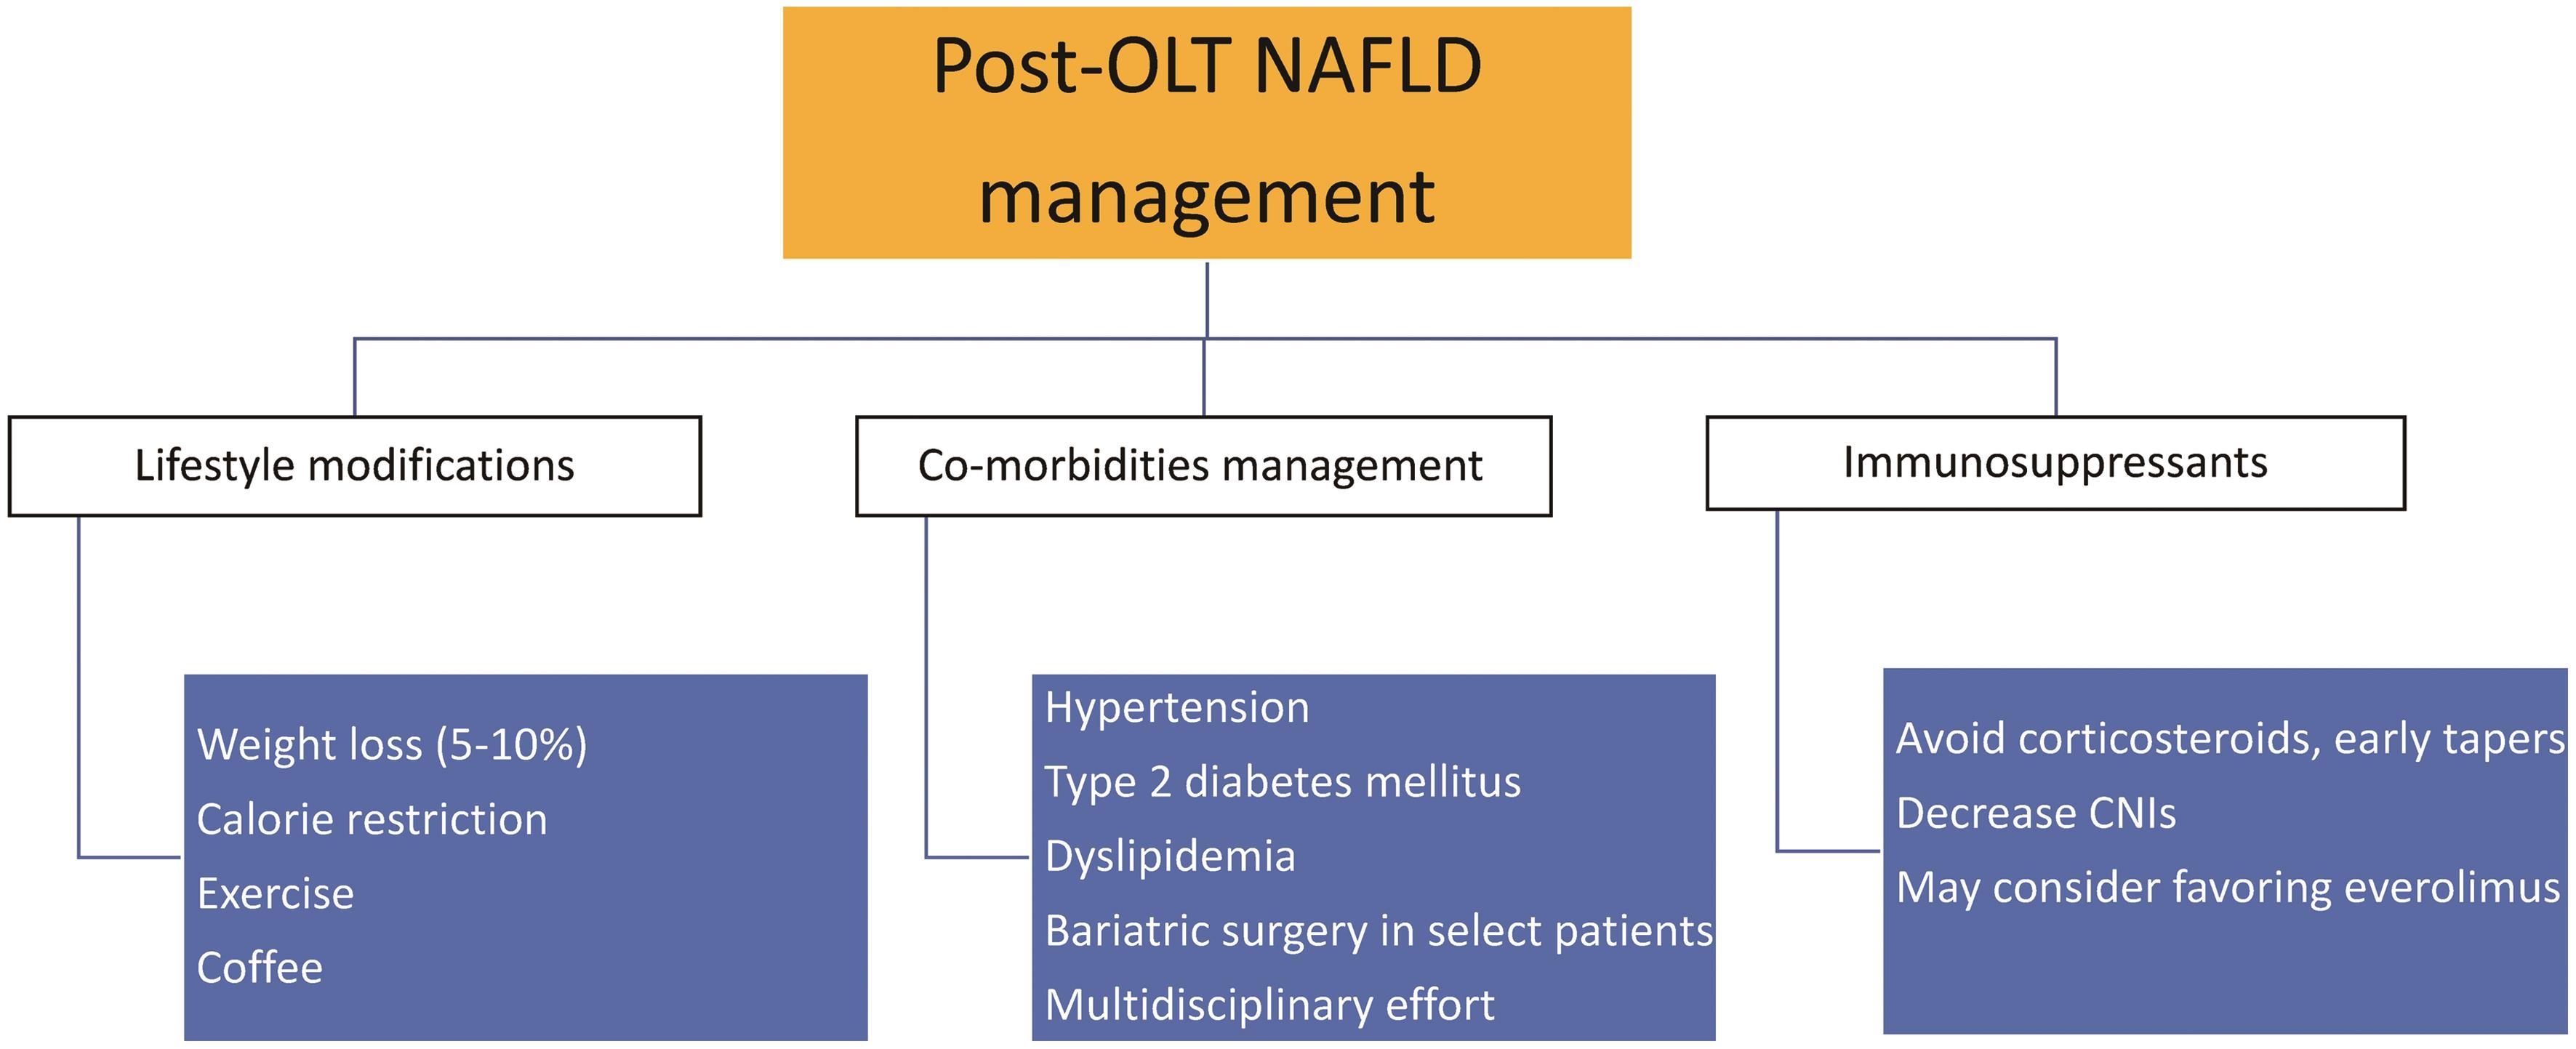 Management for post-liver transplant NAFLD.